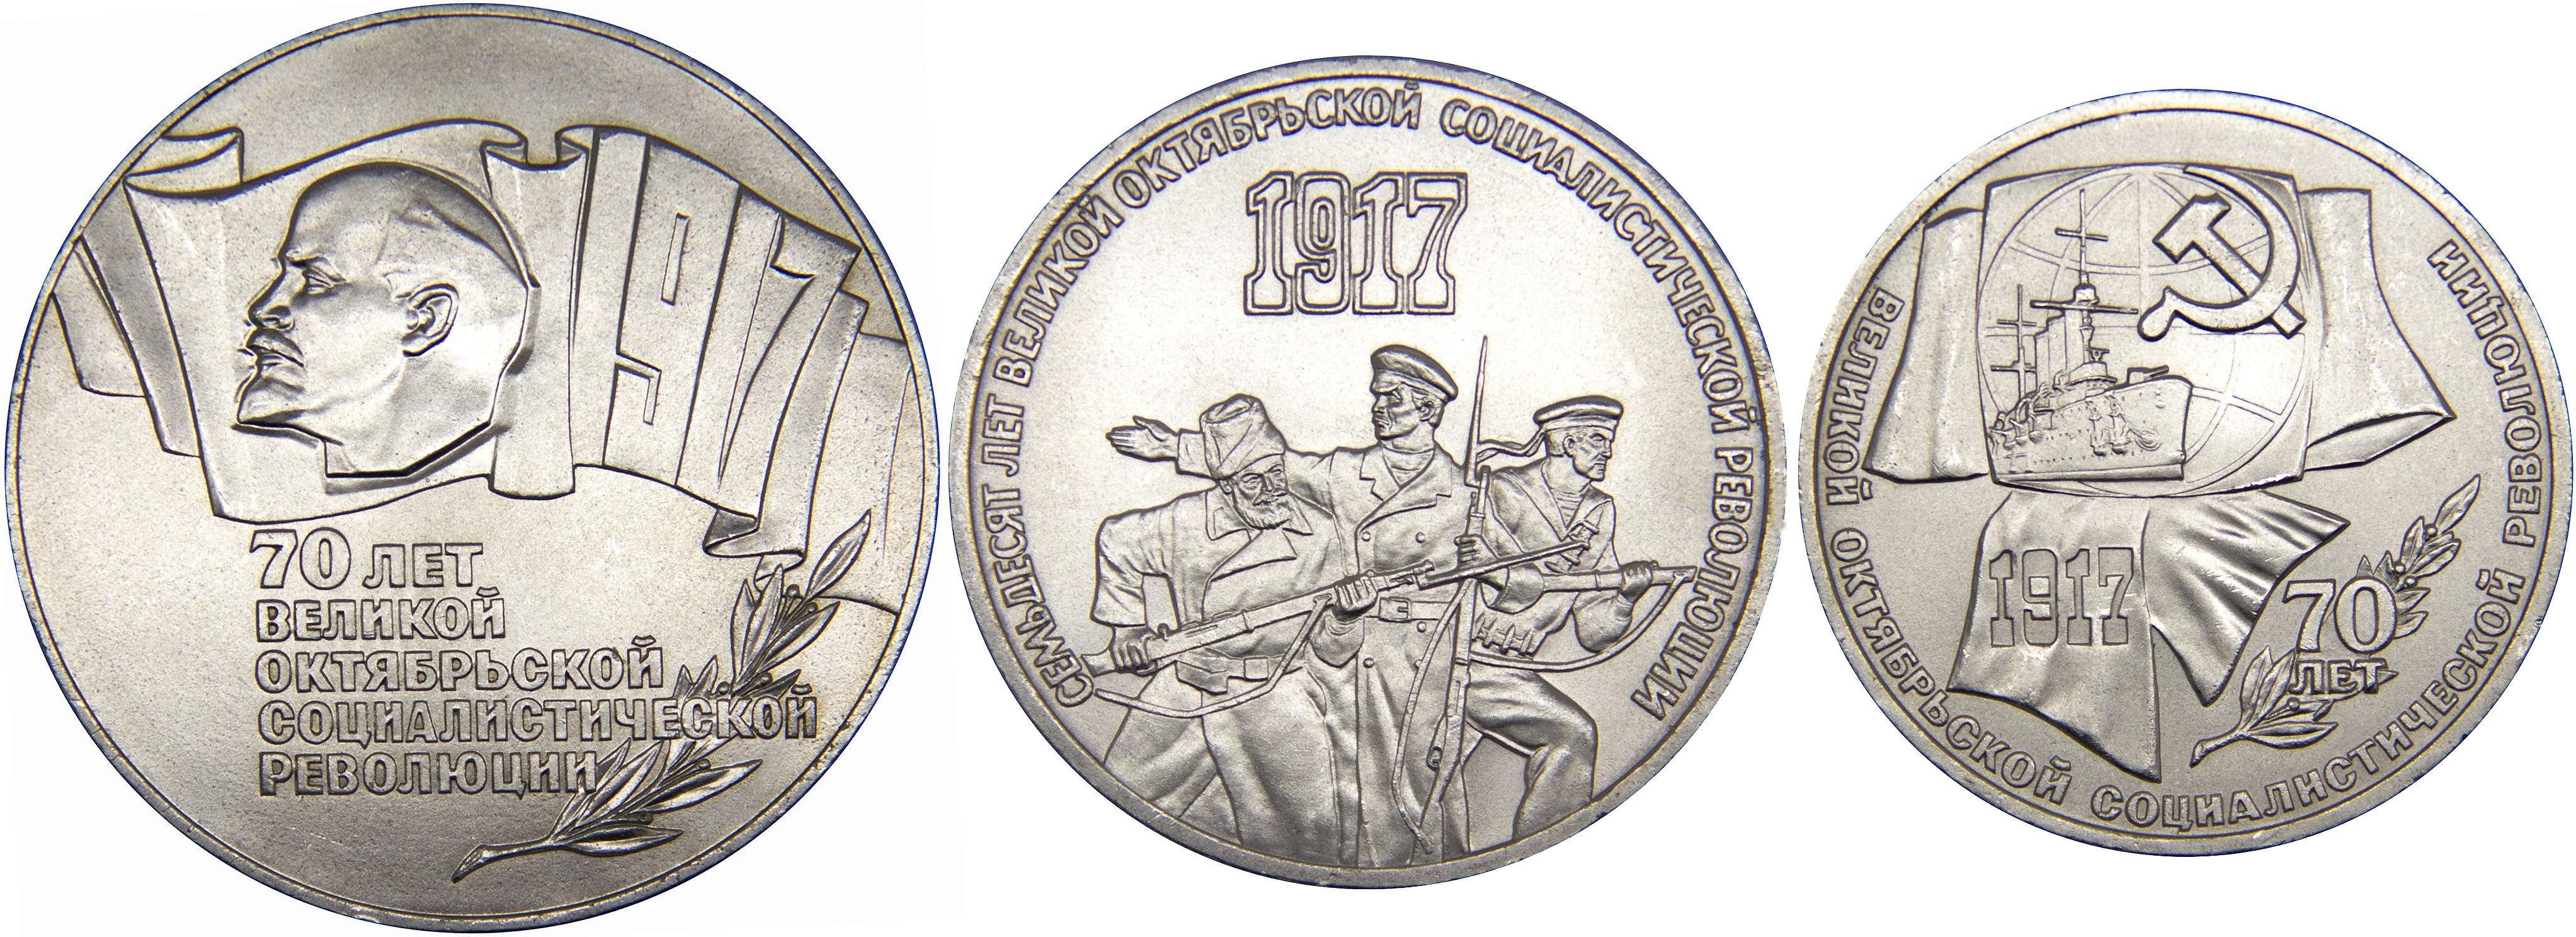 Комплект из 3 монет 70 лет великой Октябрьской Революции. СССР, 1987 годОС27728Диаметр монет: 3,1 мм; 3,3 мм; 3,9 мм Материал: медь-никель Гурт: надпись